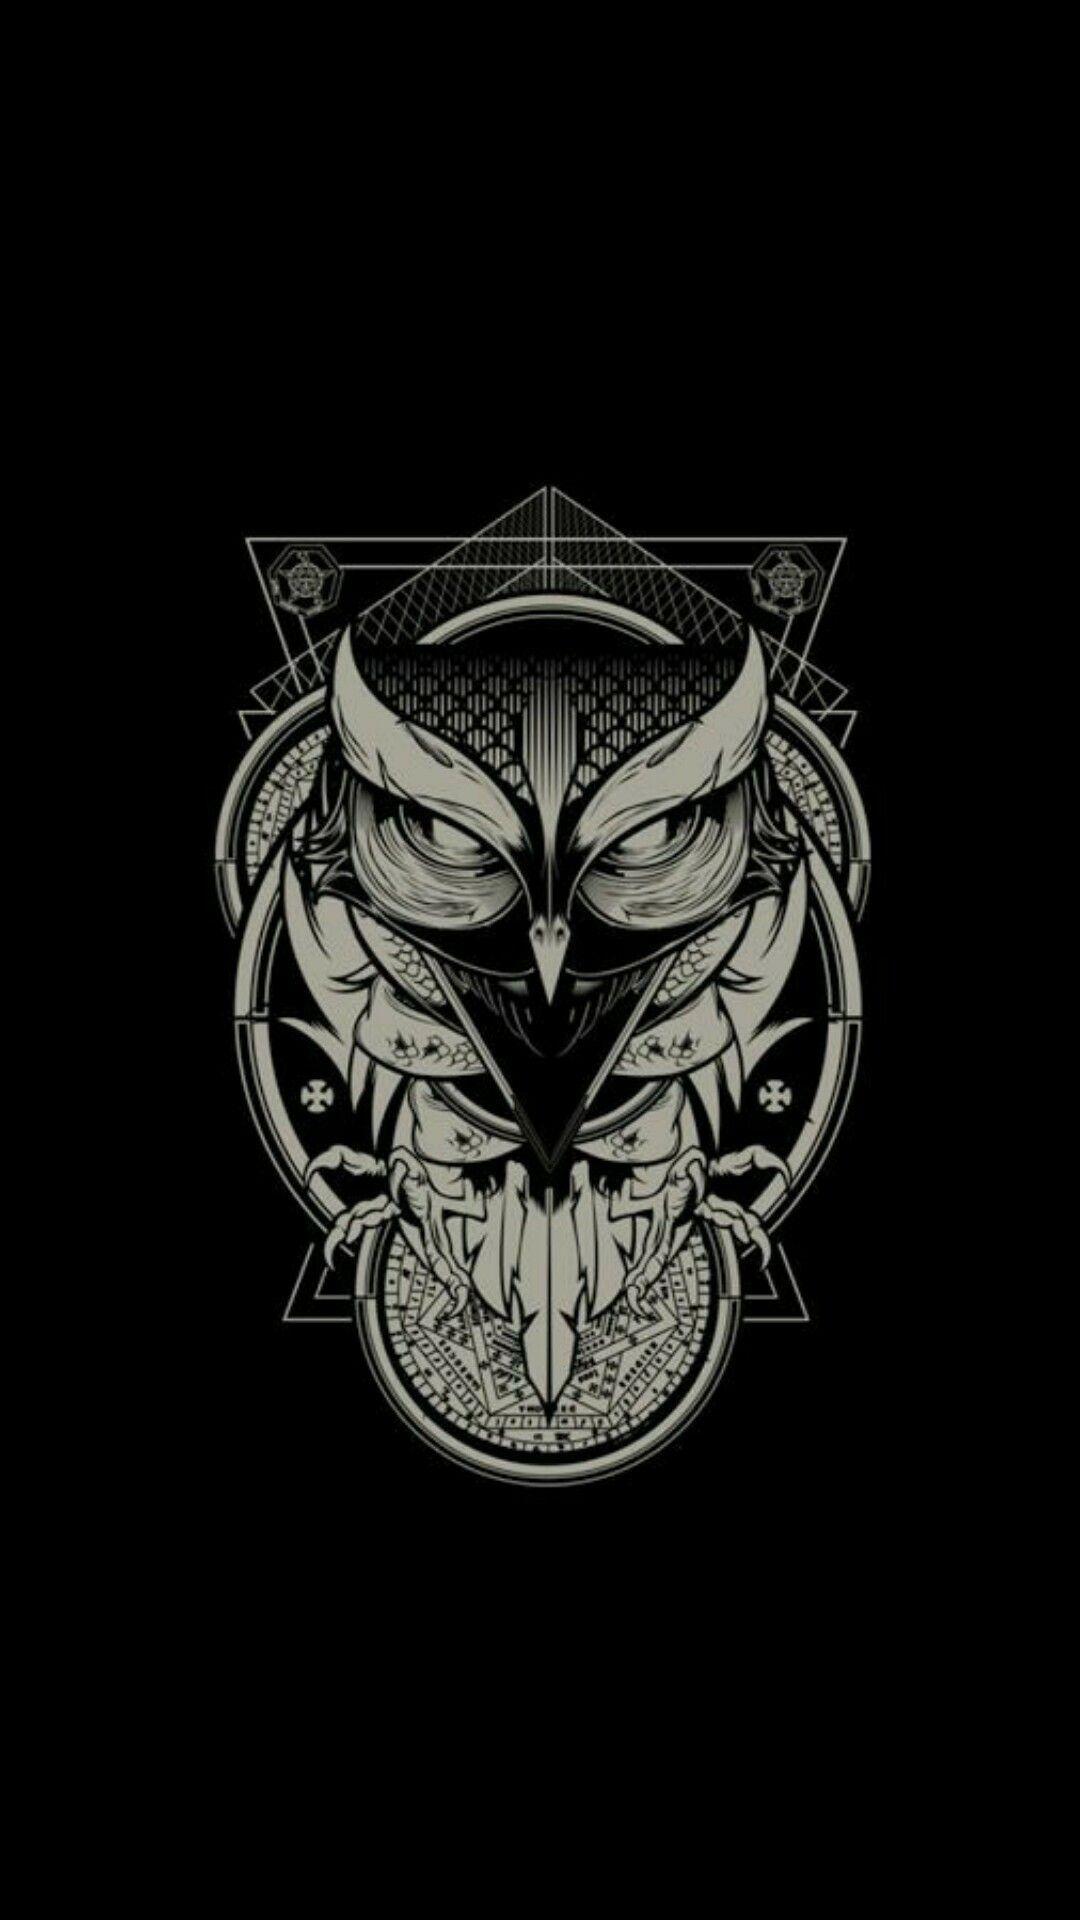 Dark Owl Wallpaper Iphone